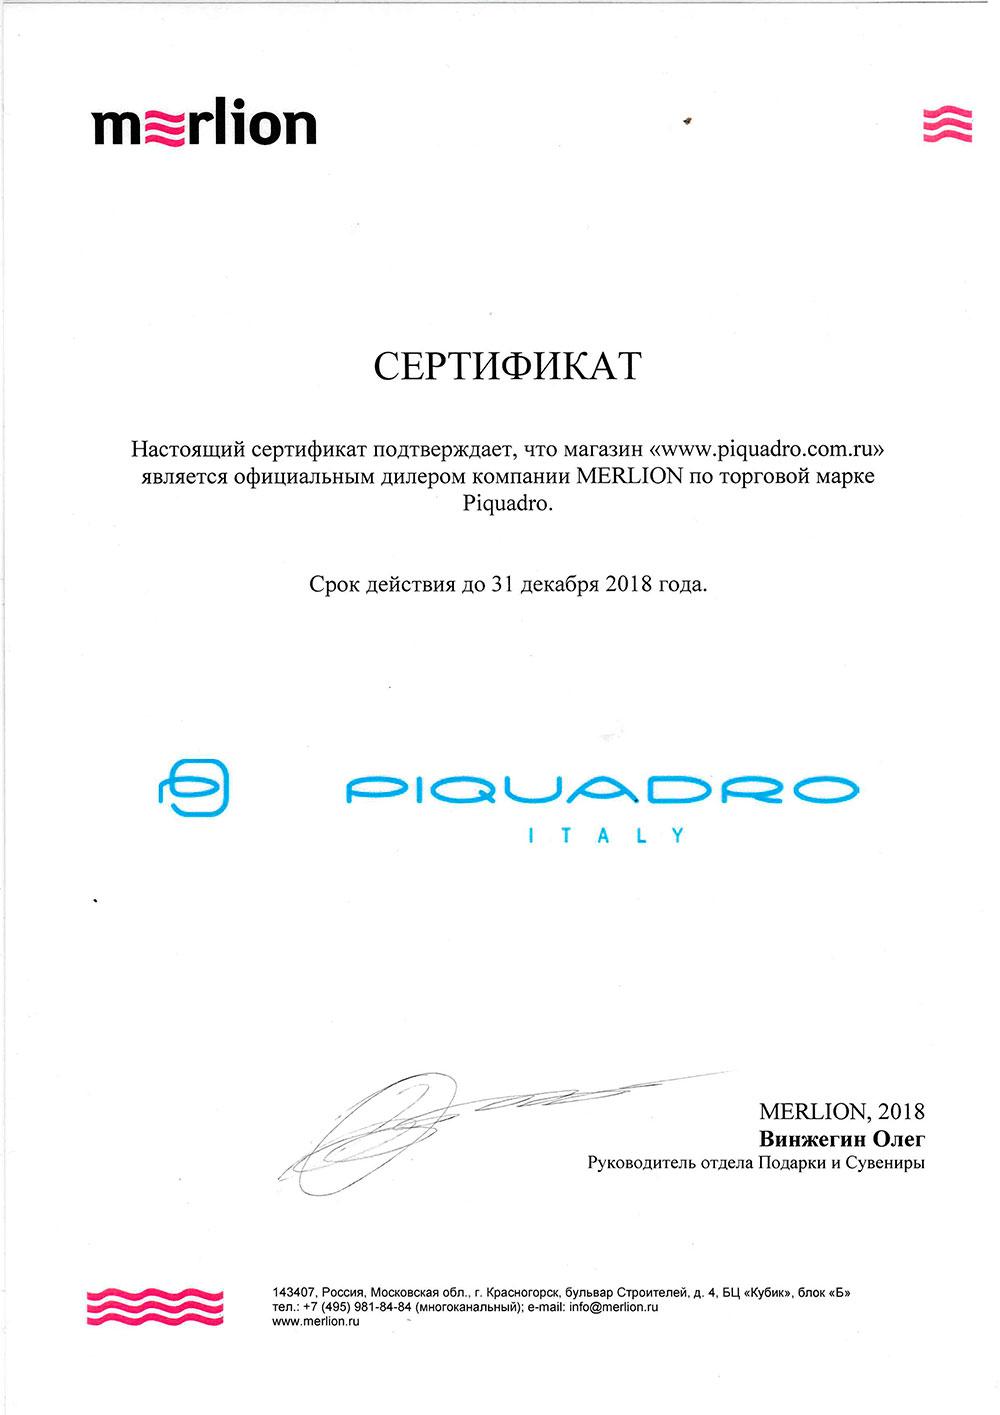 Сертификат официального дилера 2018 года